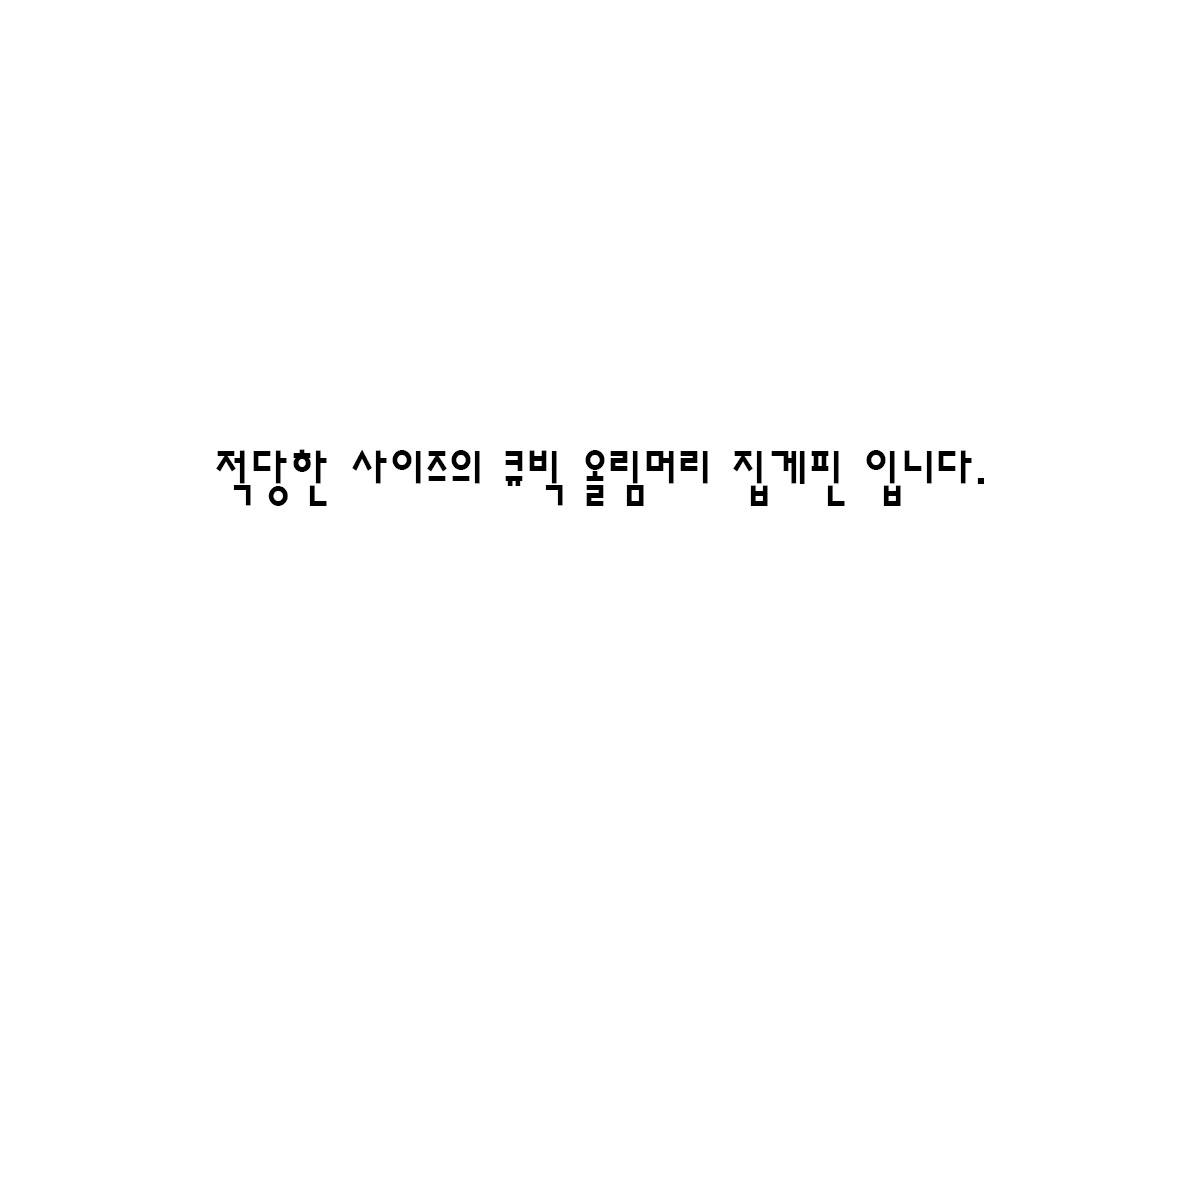 df98730d2cfc7fd5a7c8bca2948f1ffe_1592215961_9422.jpg